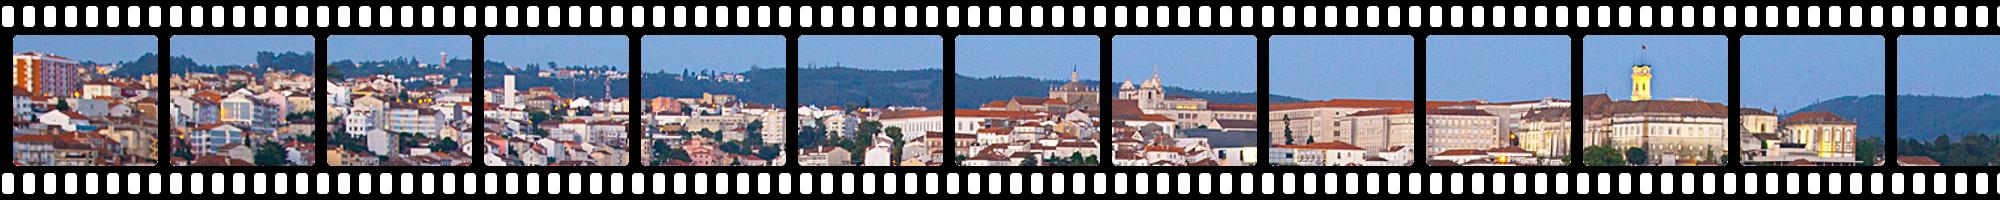 slideshow-pelicula-filme-am-001